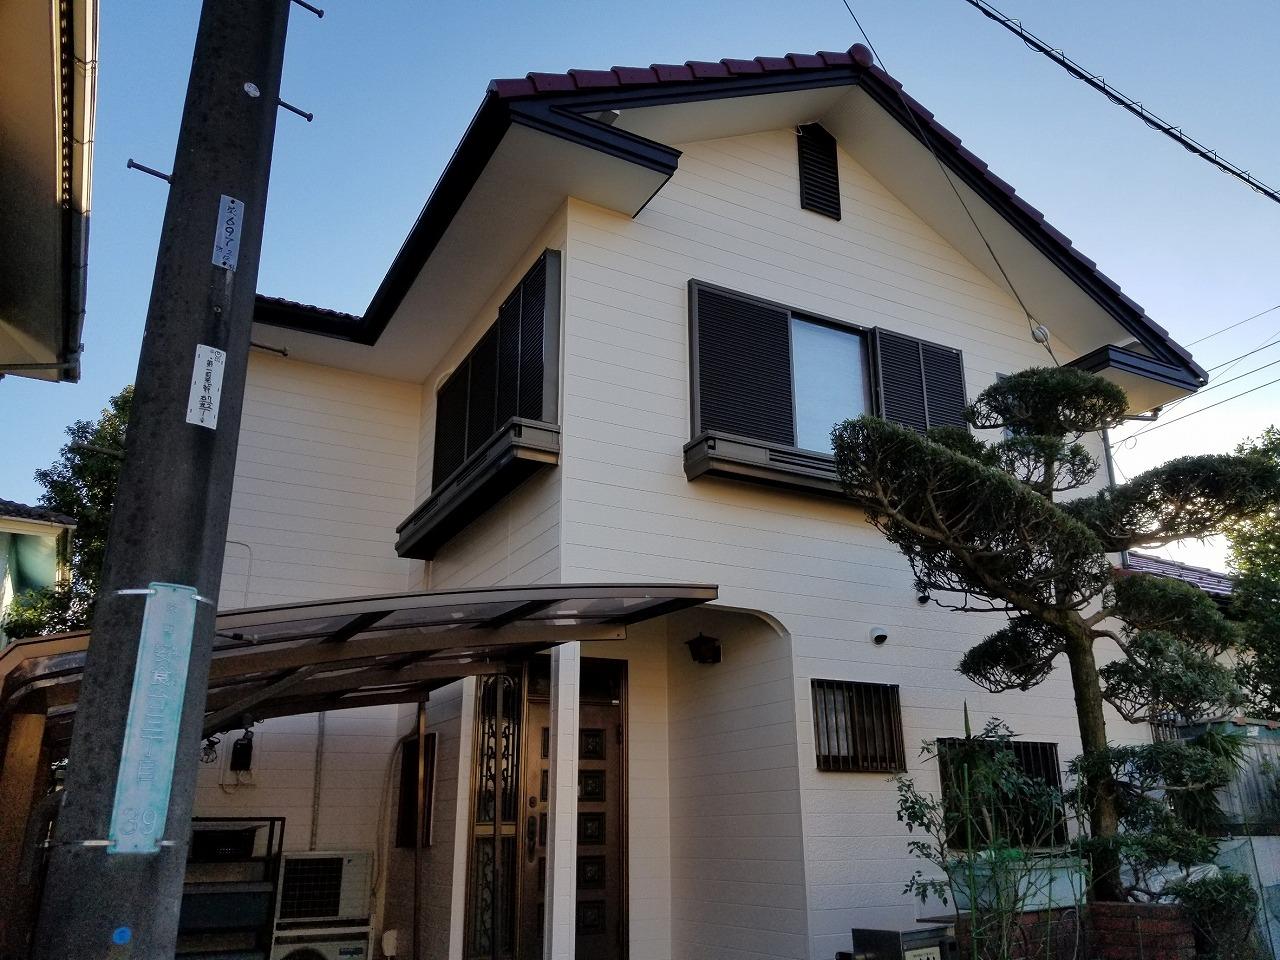 印旛郡T様邸 外壁塗装・屋根塗装工事が完成しました!